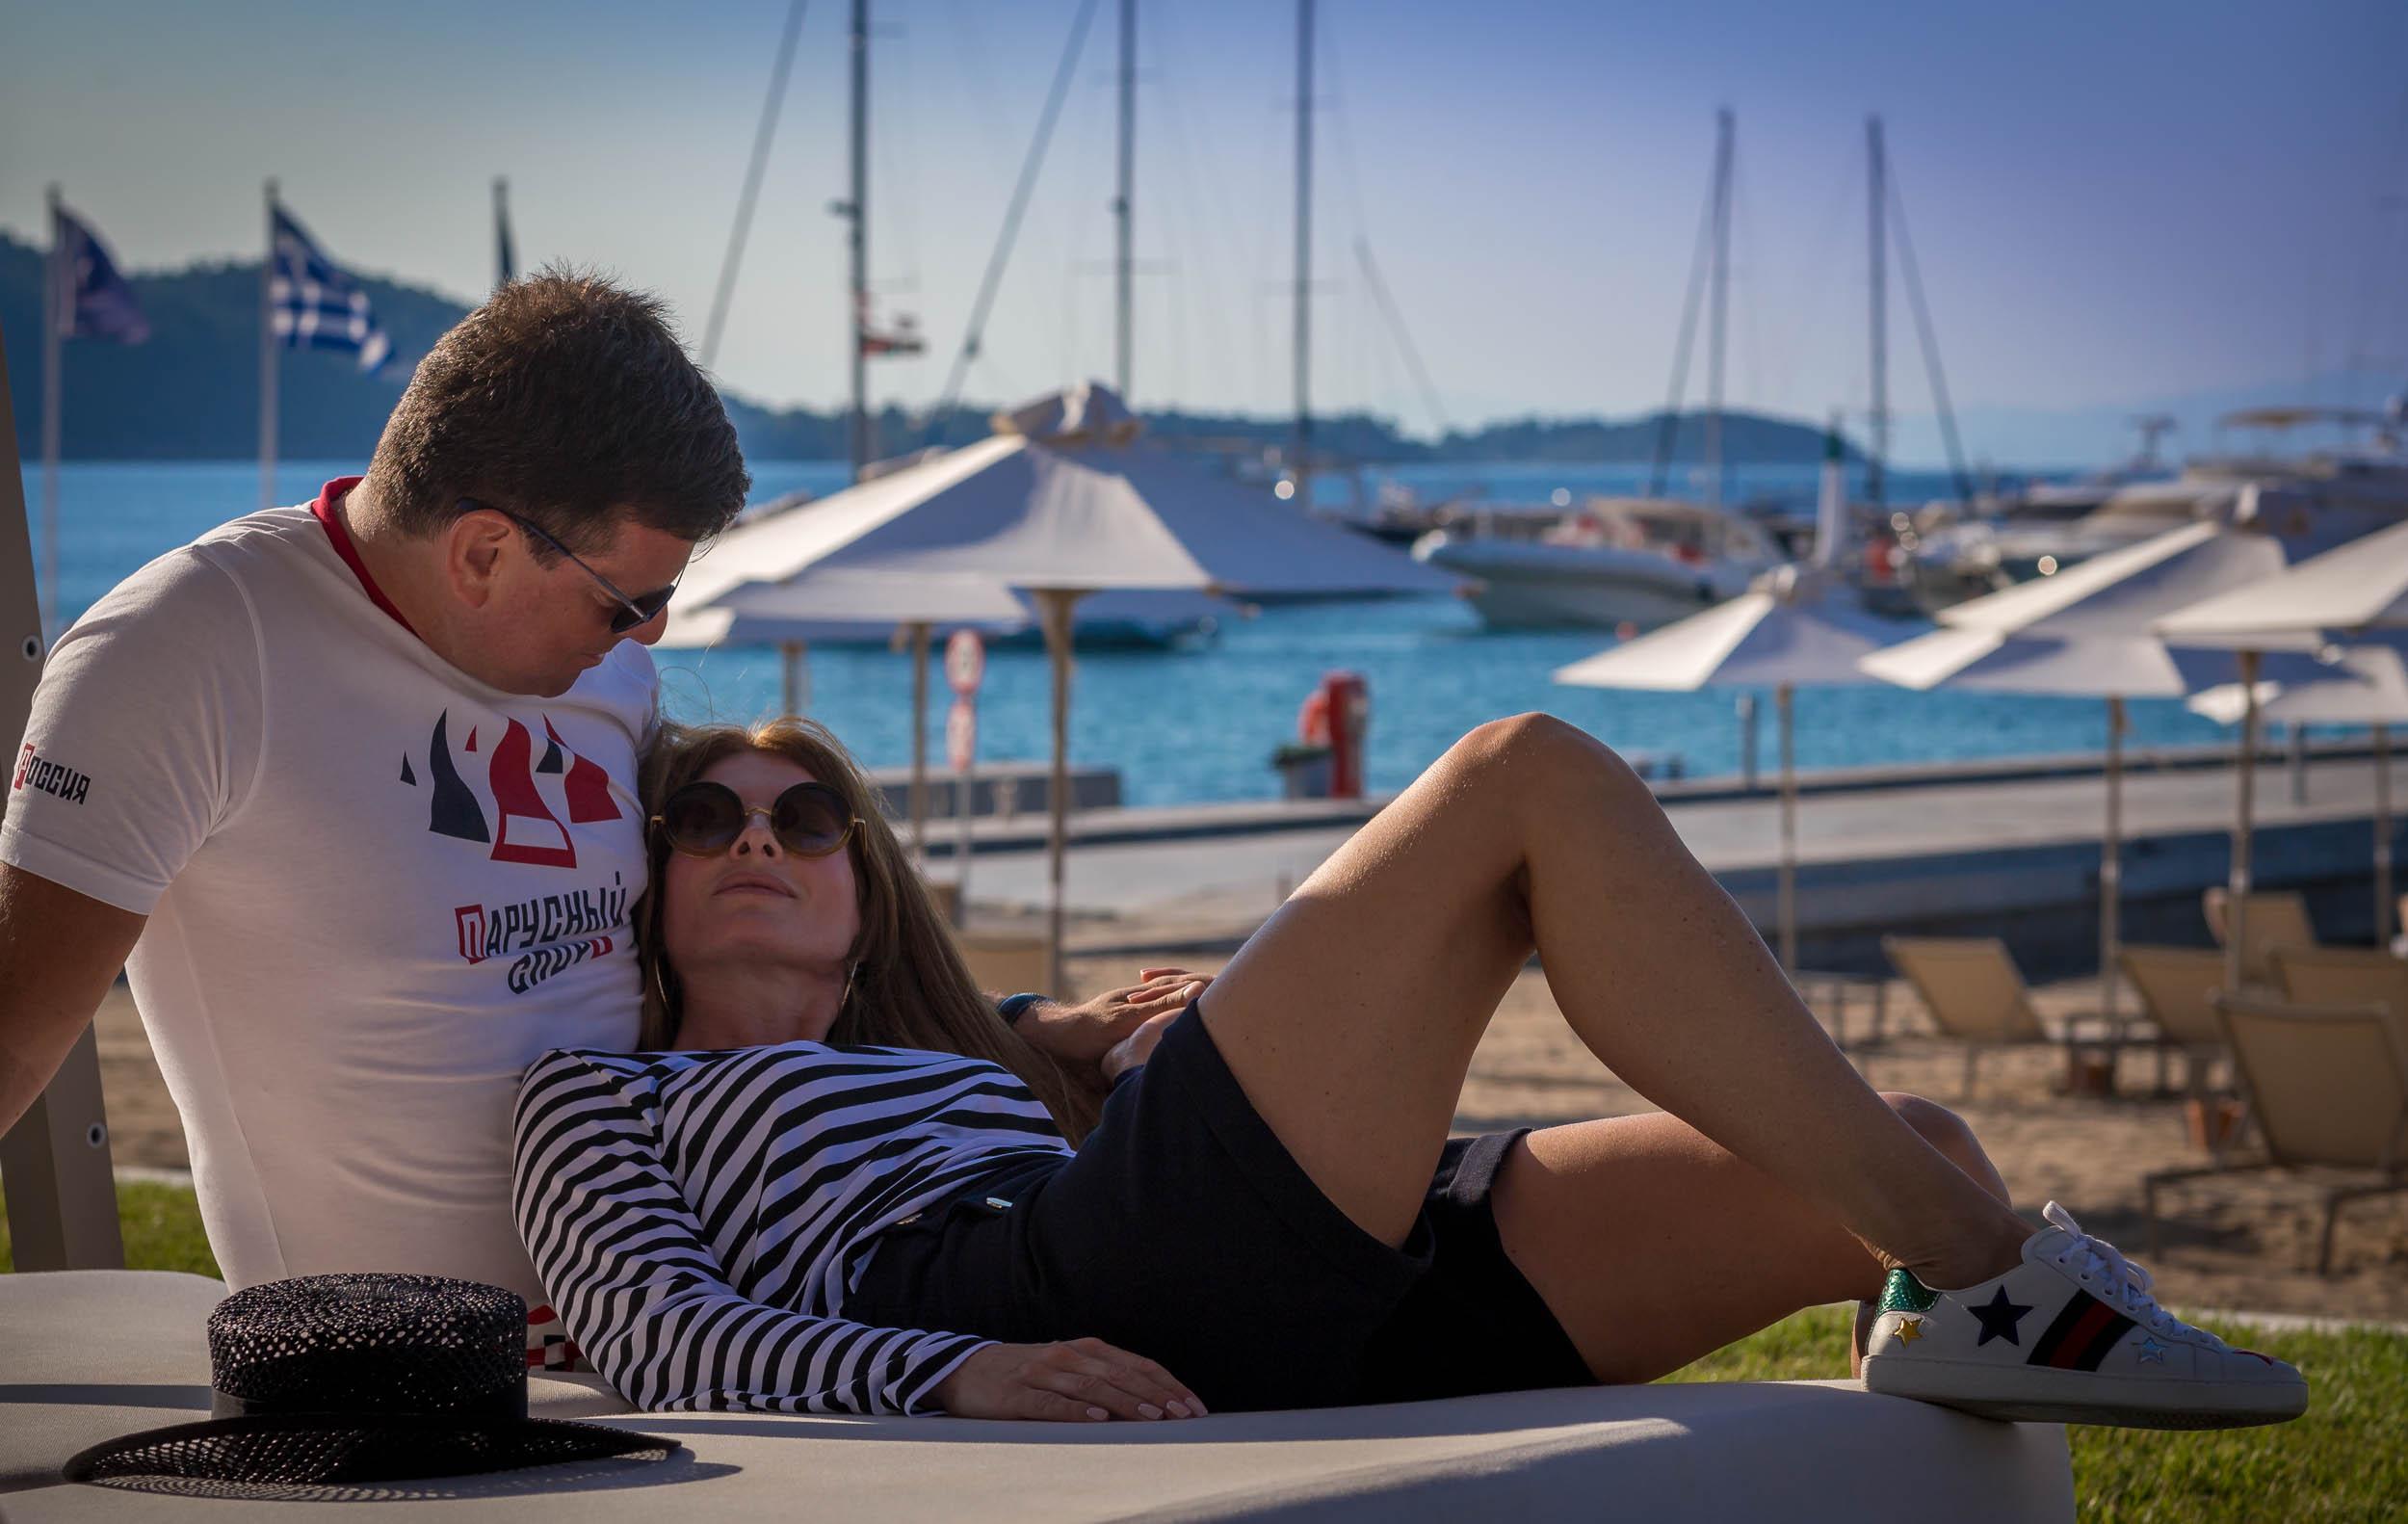 Андрикопулос Константин Андрикопулос рассказал о своей поездке в Грецию Константин Андрикопулос рассказал о своей поездке в Грецию untitled 8 of 56